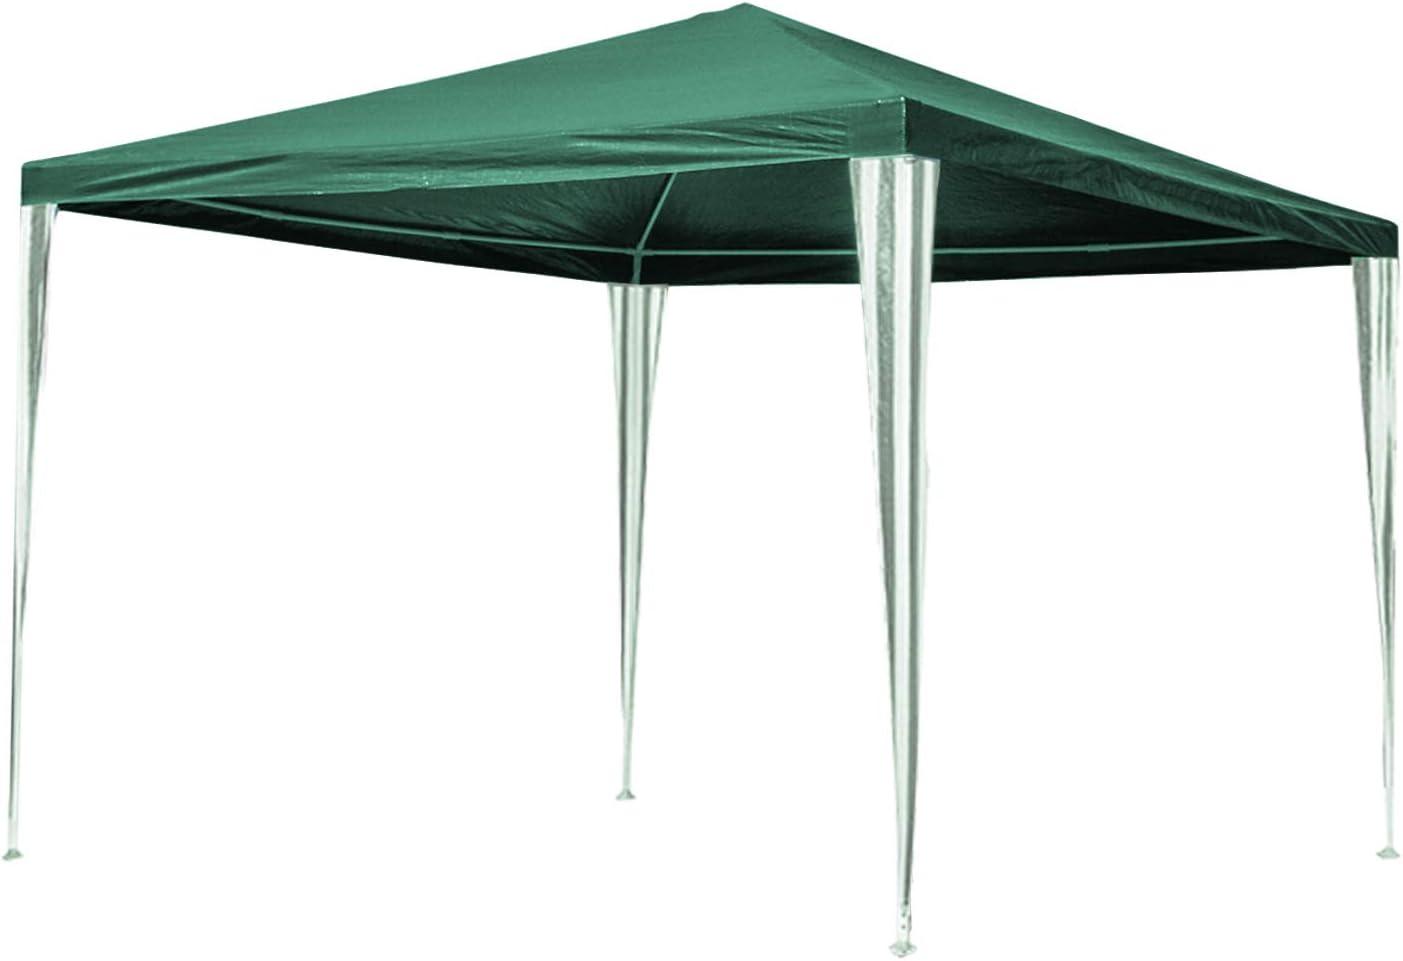 Hengda - Cenador de jardín (3 x 3 m) - Toldo para Fiestas de protección UV - Tienda de campaña para Exteriores, Boda, jardín, Fiesta, Camping, fácil ...